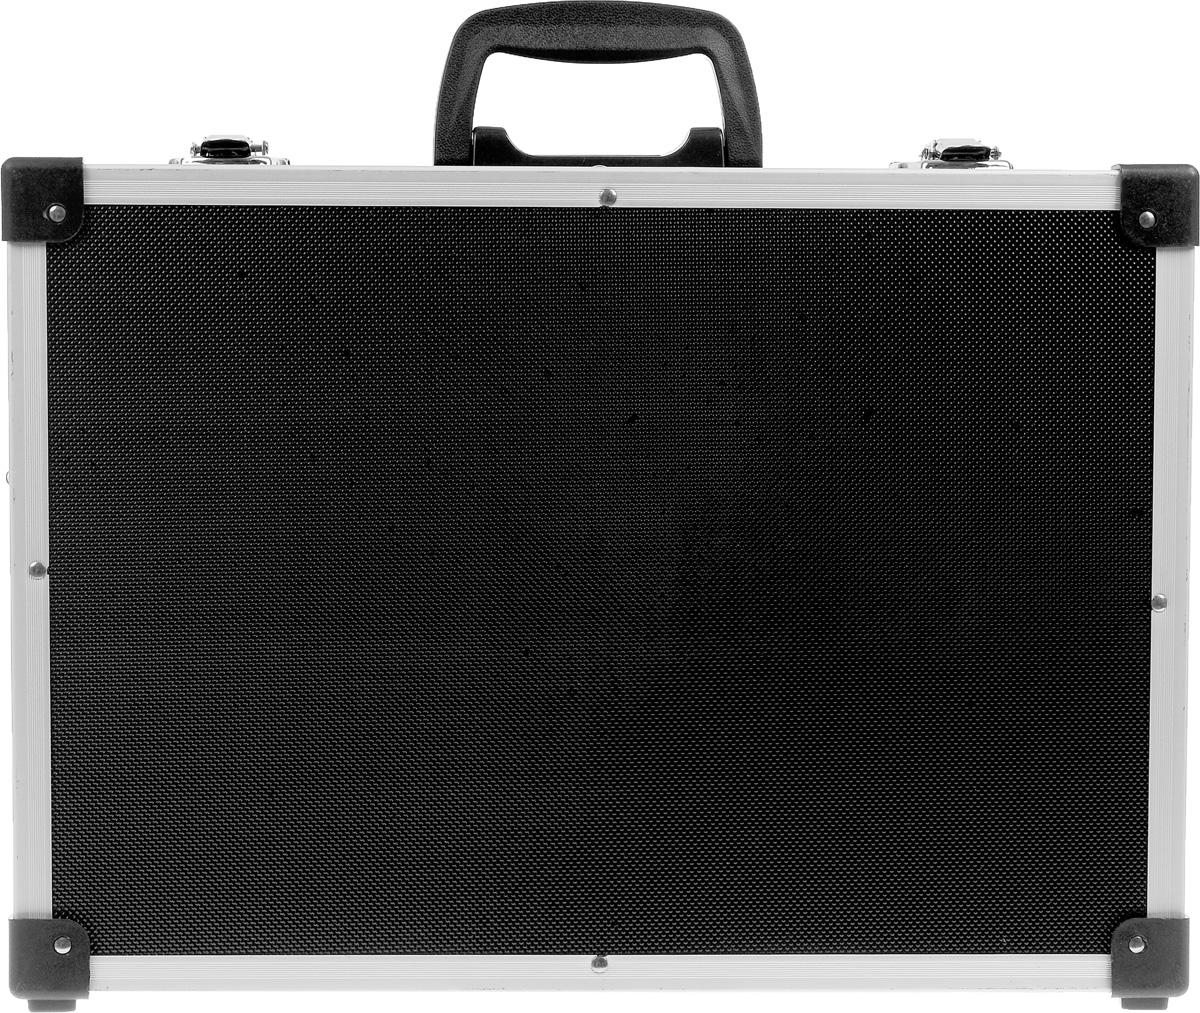 Ящик для инструментов алюминиевый FIT, цвет: черный, 43 х 31 х 13 см65630Ящик-чемодан FIT предназначен для хранения и удобной транспортировки инструментов. Изготовлен из алюминия, а внутренняя отделка выполнена из мягкого пористого материала, что обеспечивает более бережное хранение инструмента. Переставные перегородки позволяют максимально эффективно использовать внутреннее пространство. Чемодан надежно закрывается с помощью металлических защелок. Удобная рукоятка обеспечивает комфортную переноску. Инструментальный ящик применяется как в профессиональной сфере, так и в быту: он очень вместительный, помогает упорядочить нужные в работе предметы и всегда держать их под рукой. Характеристики: Материал:алюминий. Размеры ящика: 43 см х 31 см х 13 см. Количество перегородок: 5. Количество отделений на съемной панели: 17. Размер упаковки: 43 см х 31 см х 13 см.